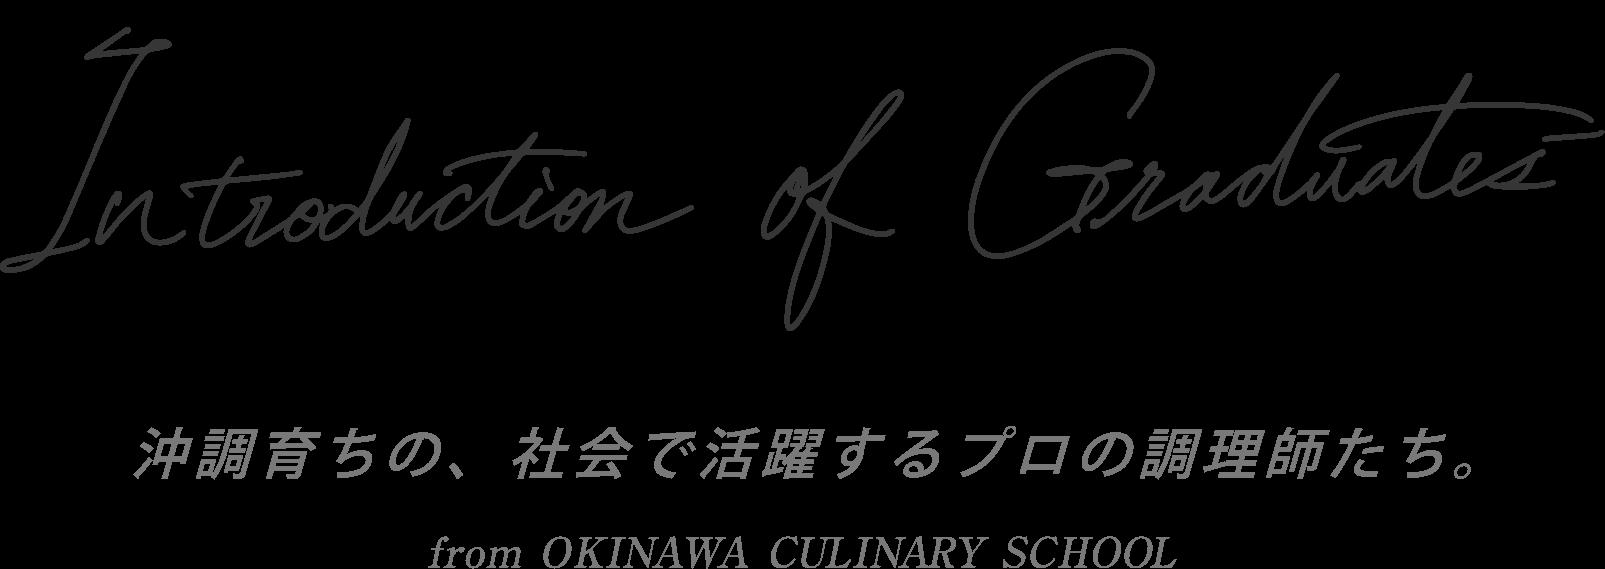 沖調育ちの、社会で活躍するプロの調理師たち。